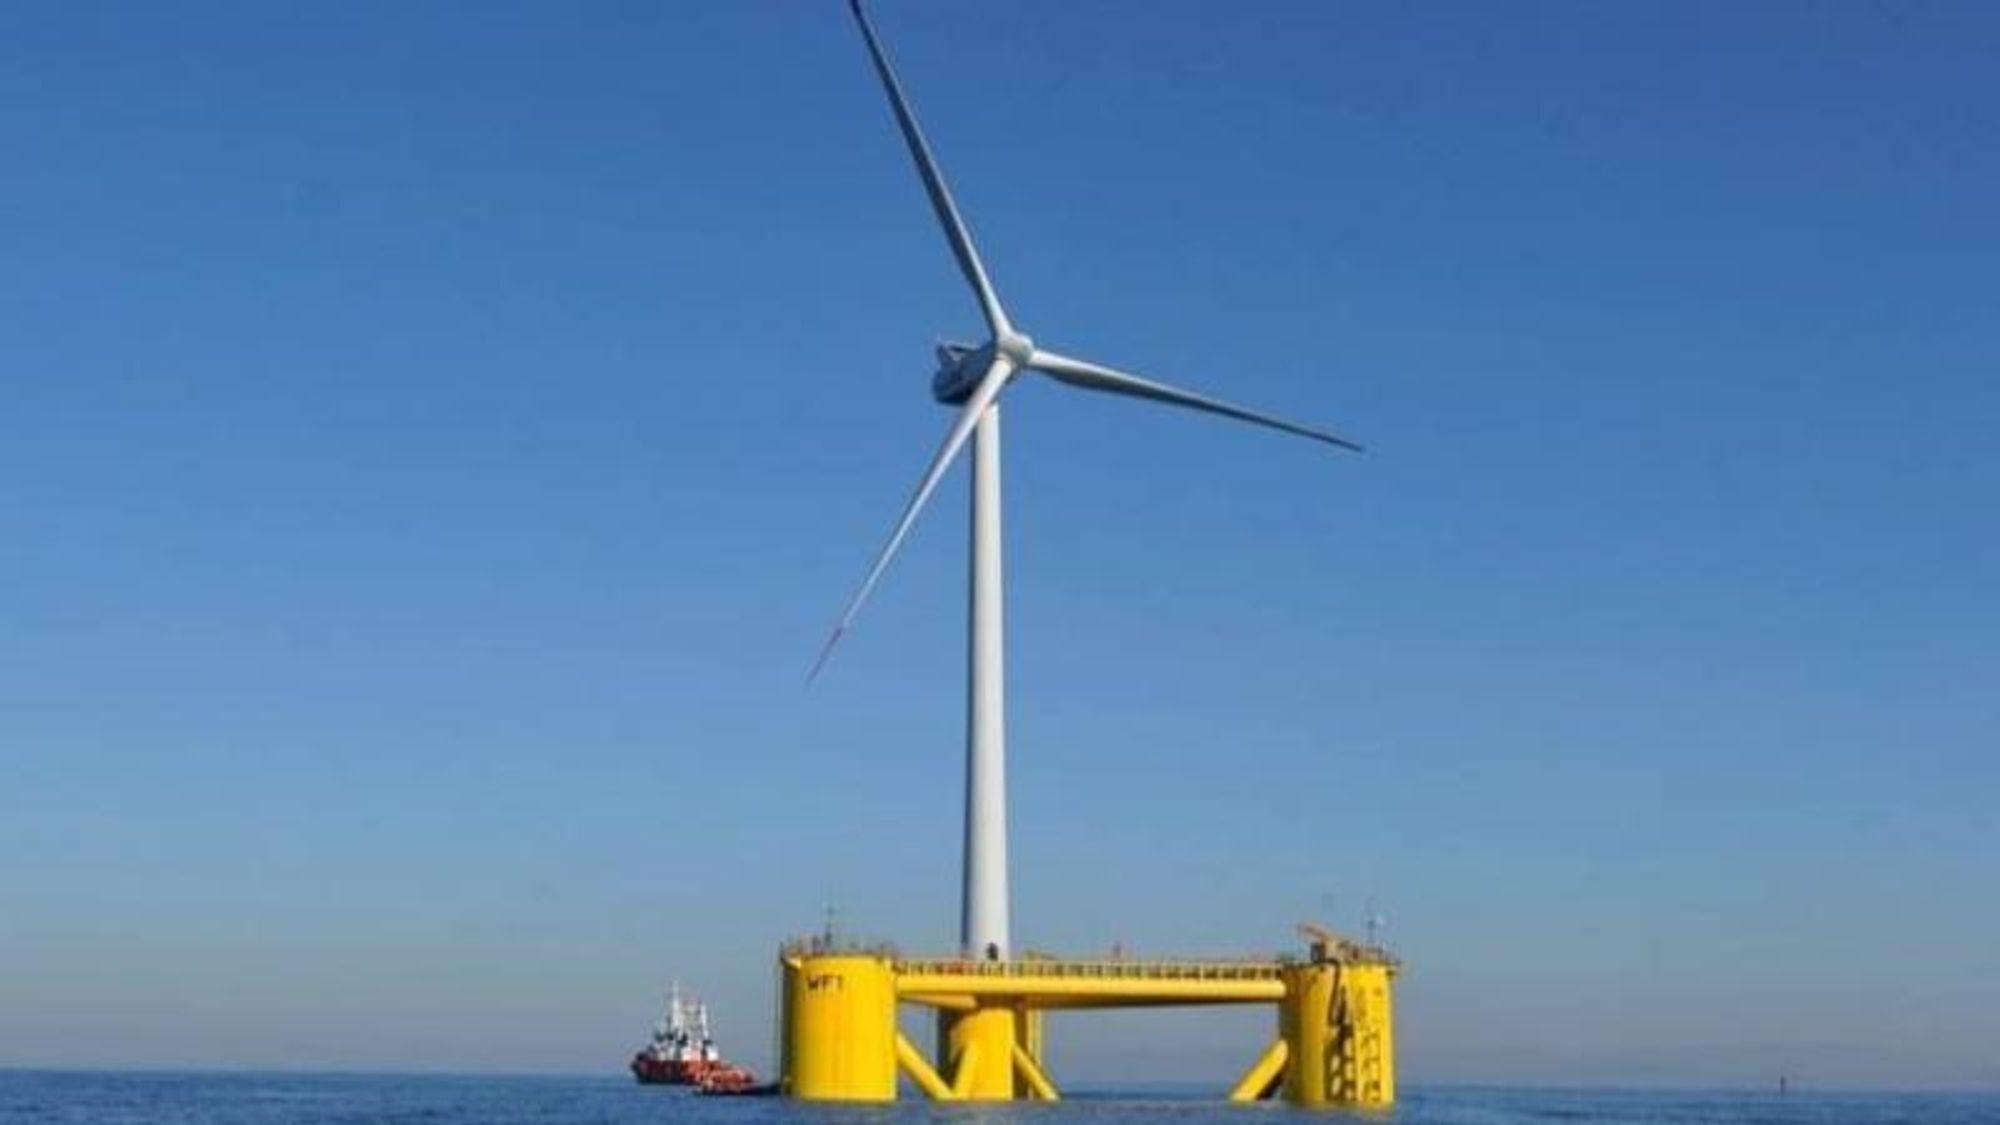 Pilotanlegget med Windfloat-platformen brukte en 2 MW Vestas-vindmølle. Fundamentet og møllen ble tauet ut på plass i januar 2012, og tatt ned igjen i 2016.